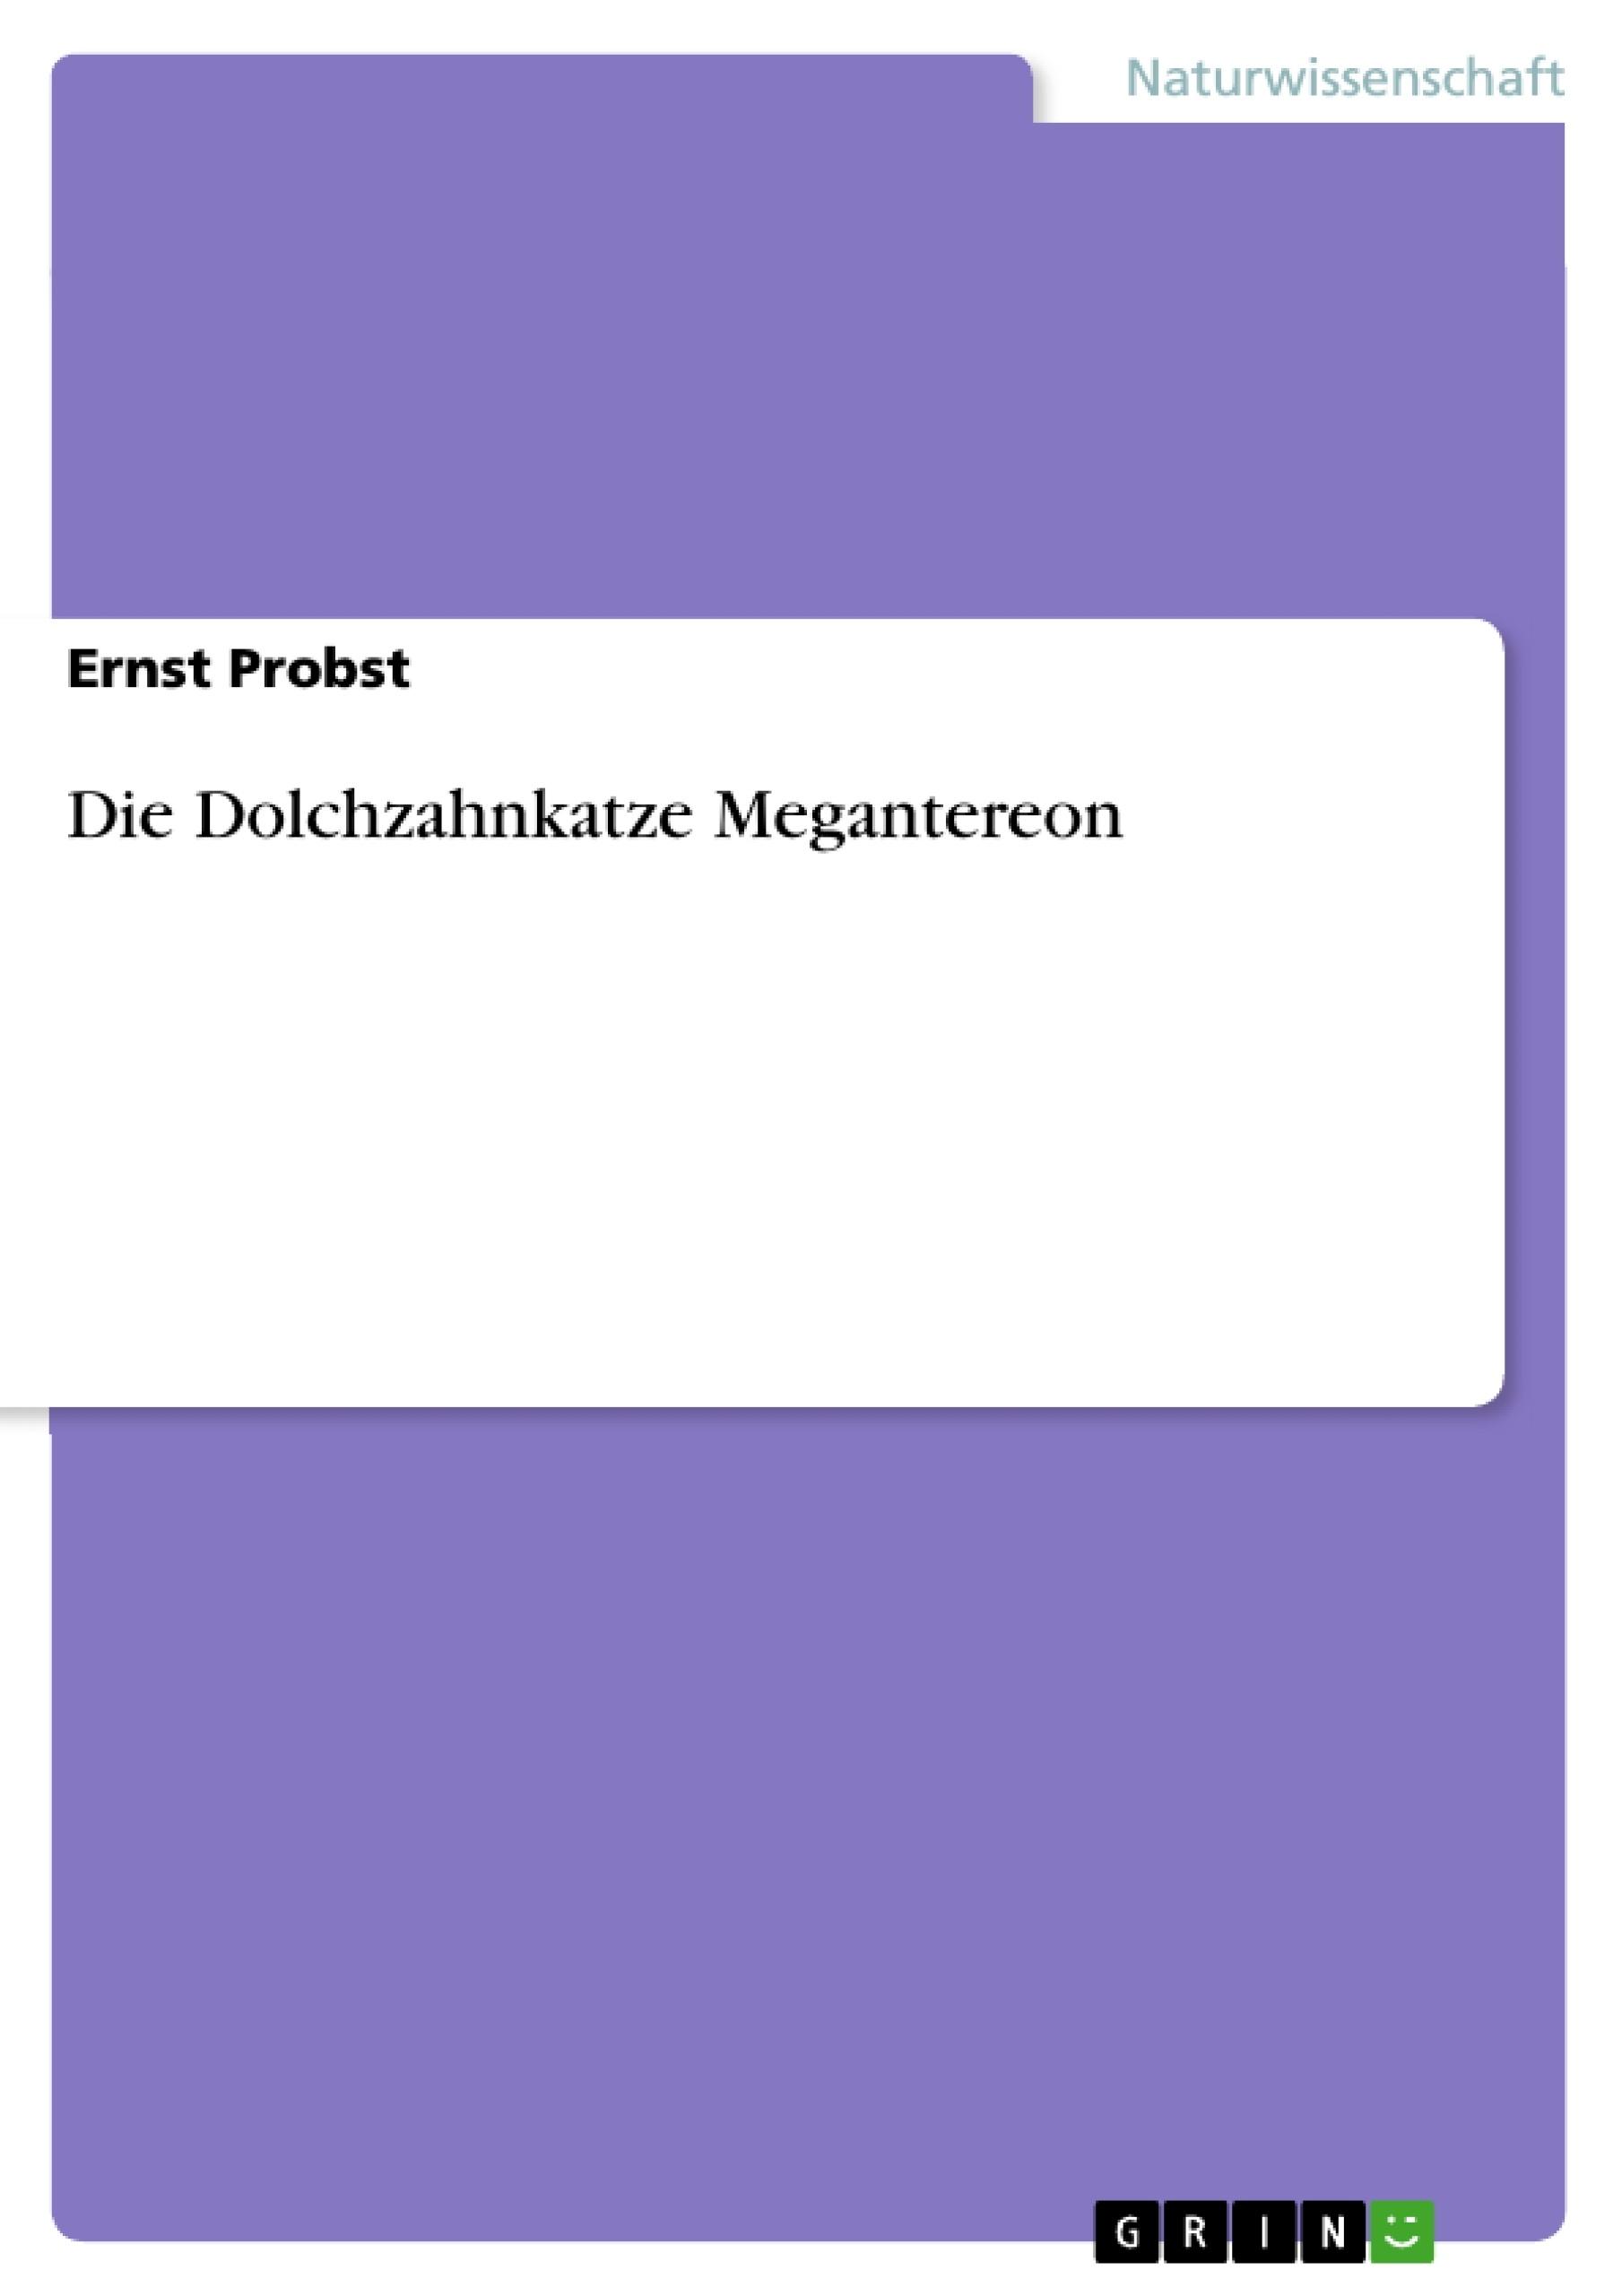 Titel: Die Dolchzahnkatze Megantereon